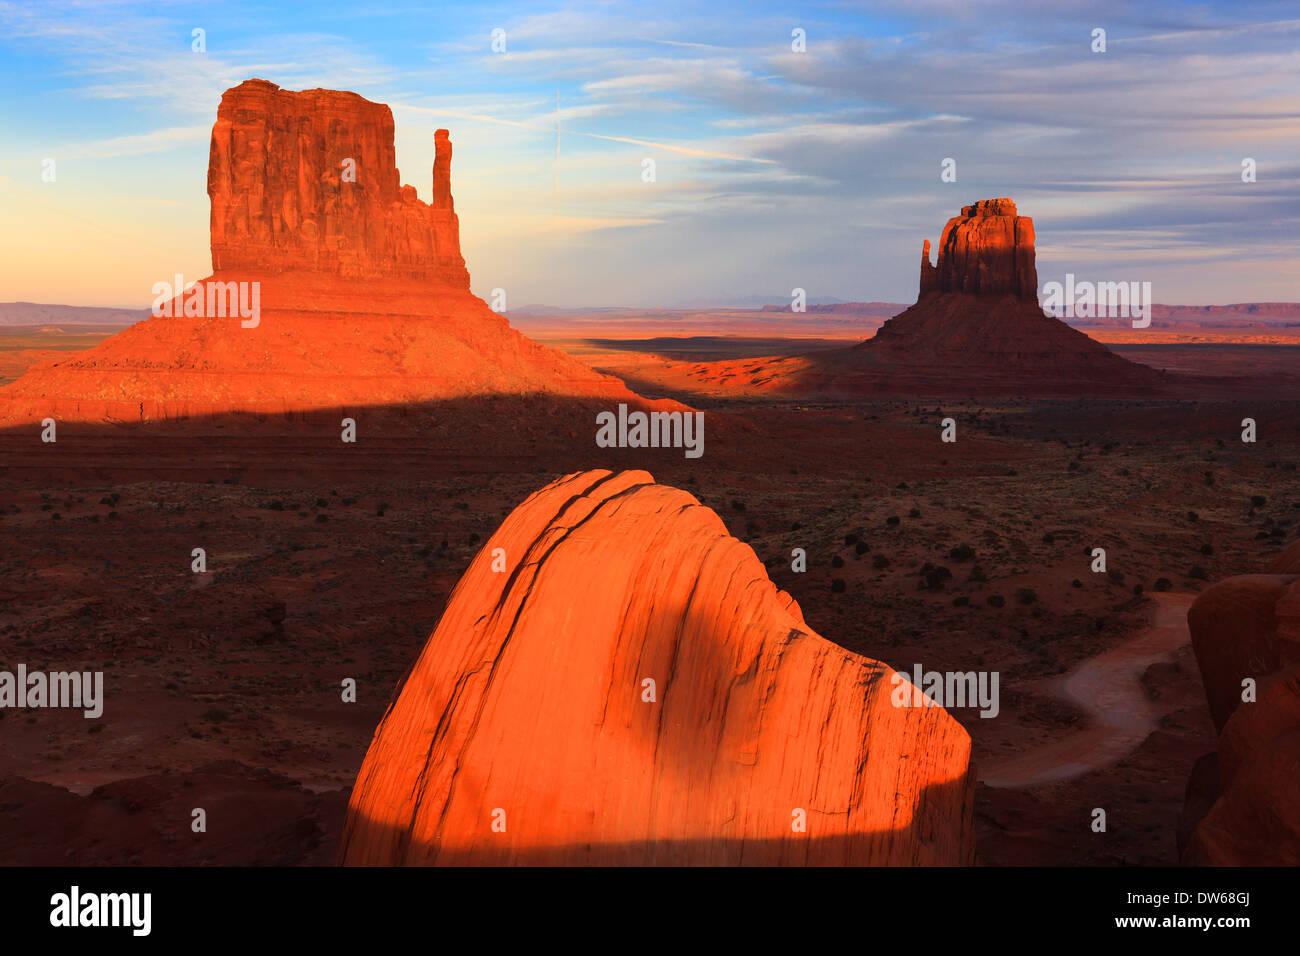 Anochecer en Monument Valley Navajo Tribal Park en la frontera de Utah y Arizona Foto de stock